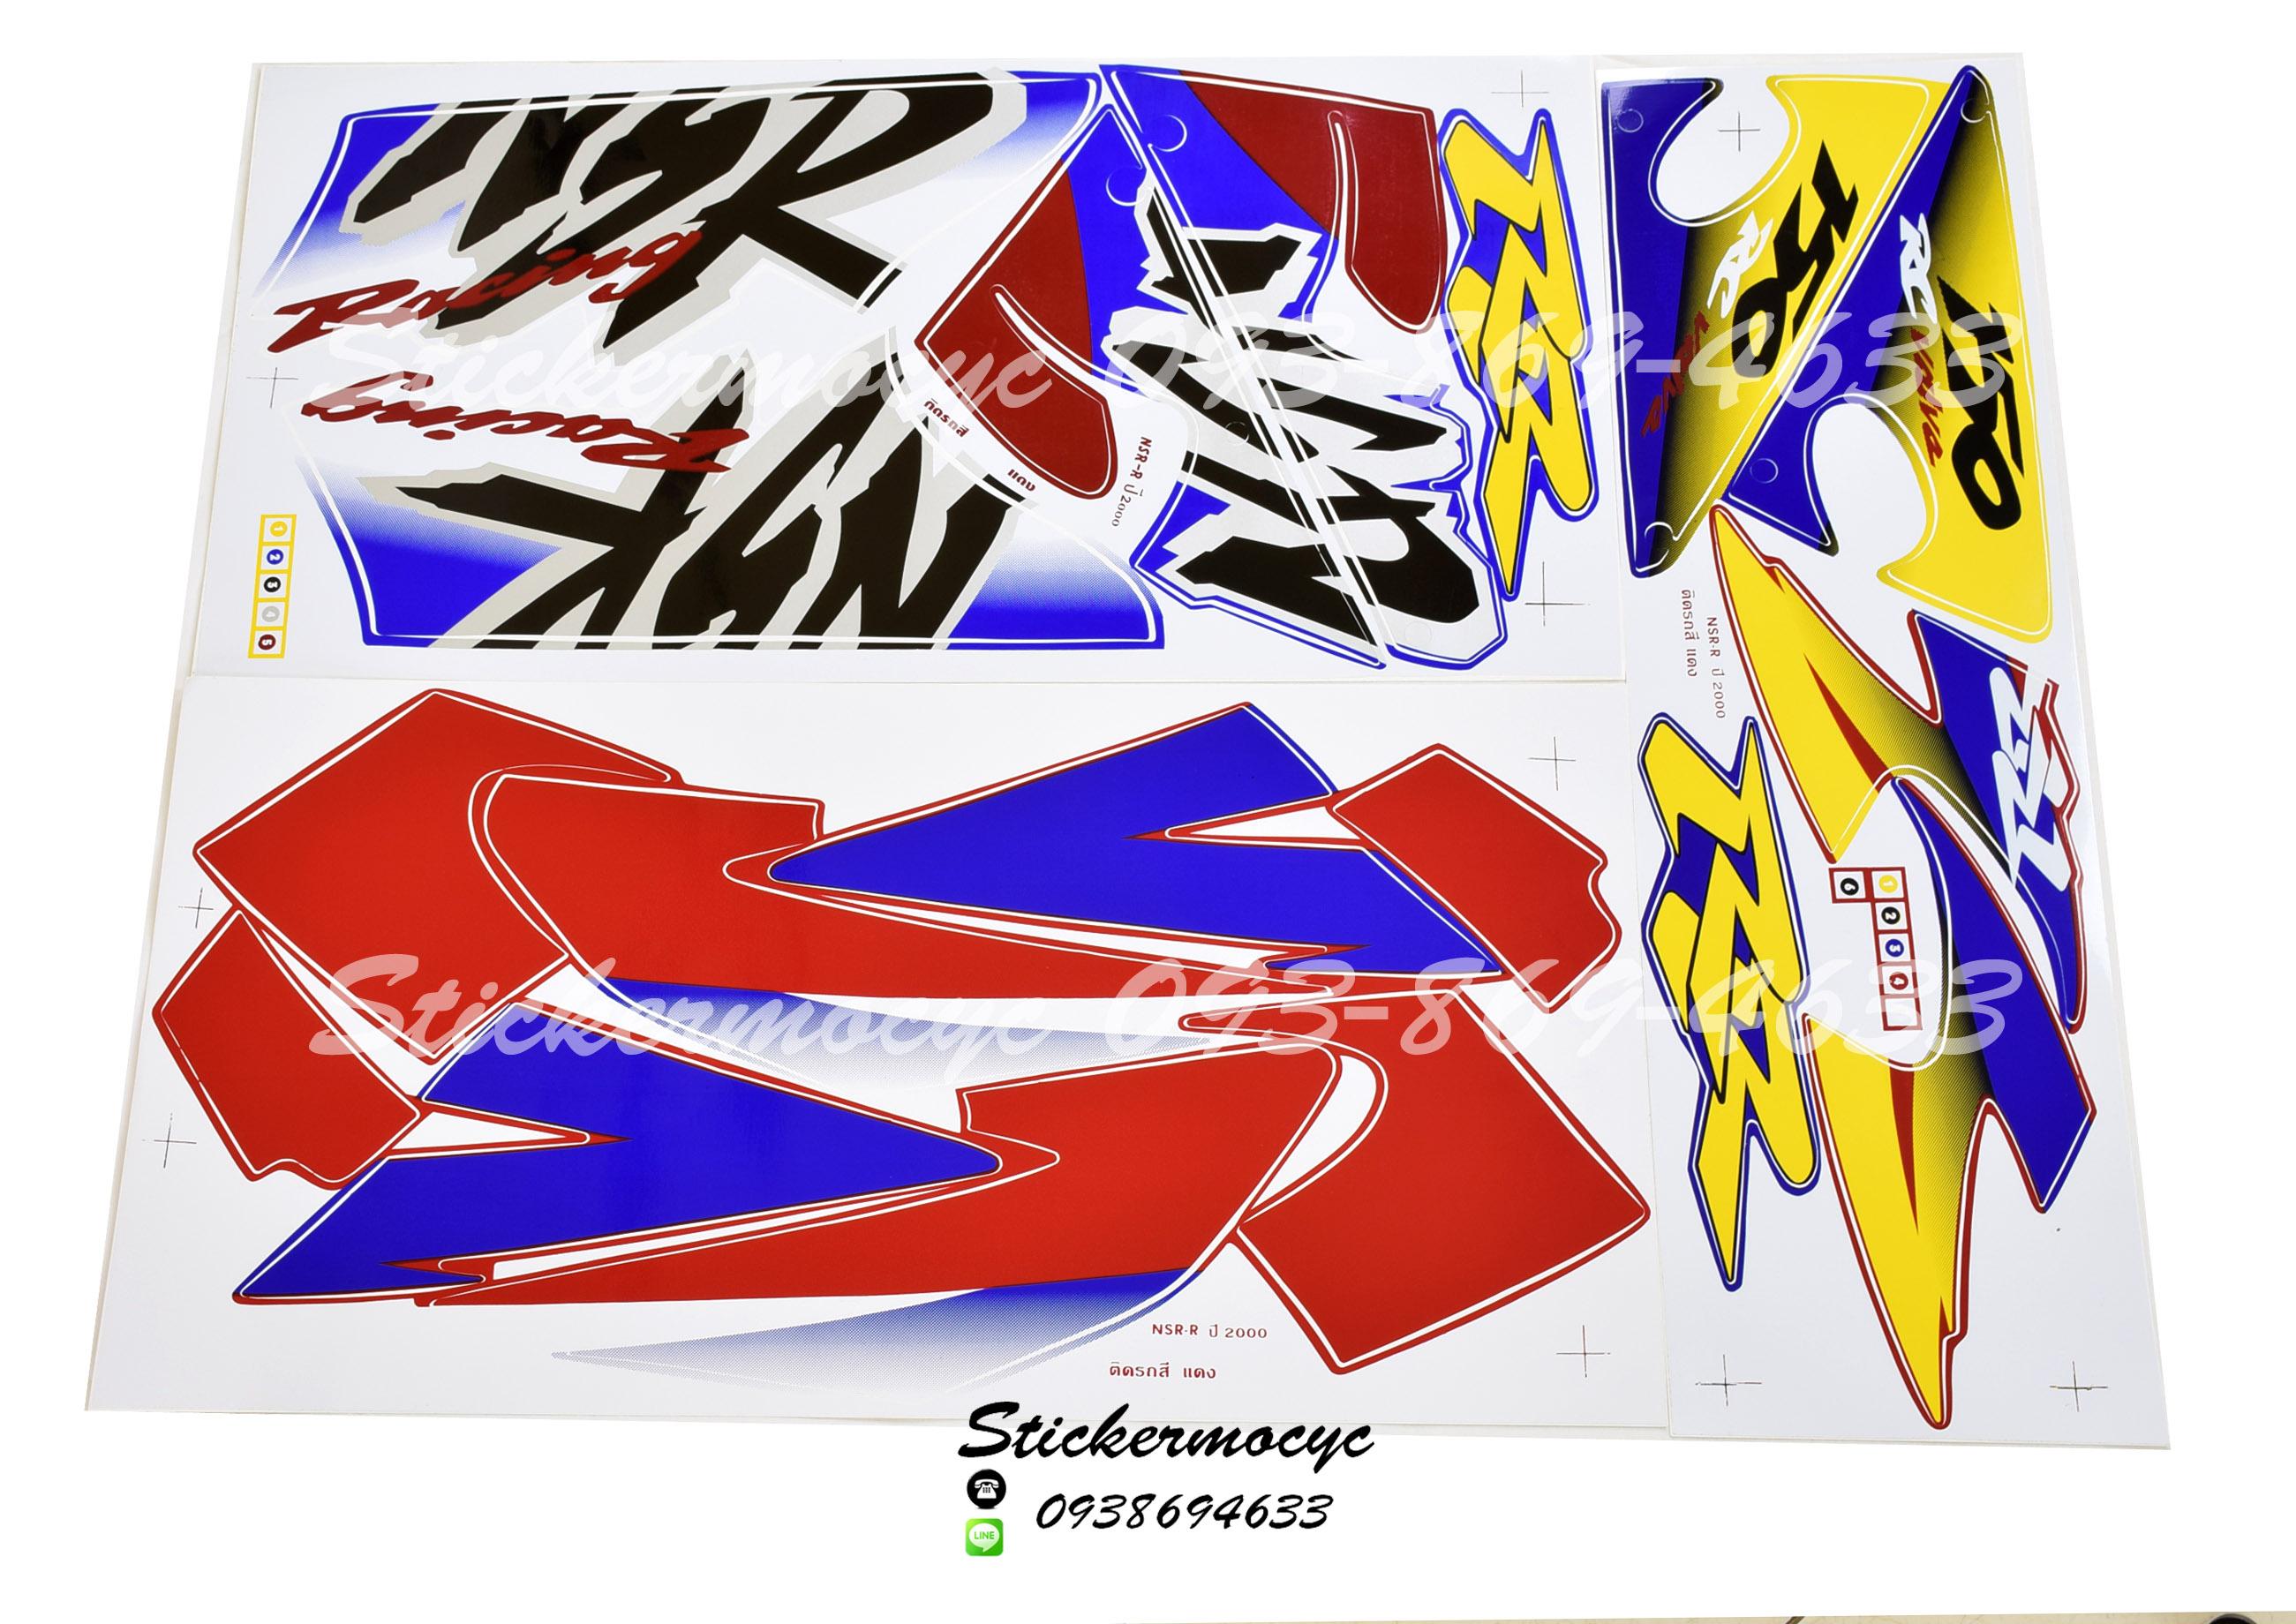 สติ๊กเกอร์ NSR 150 RR ตาเพชร Sticker NSR 150 RR ปี 2000 ติดรถ สีแดง